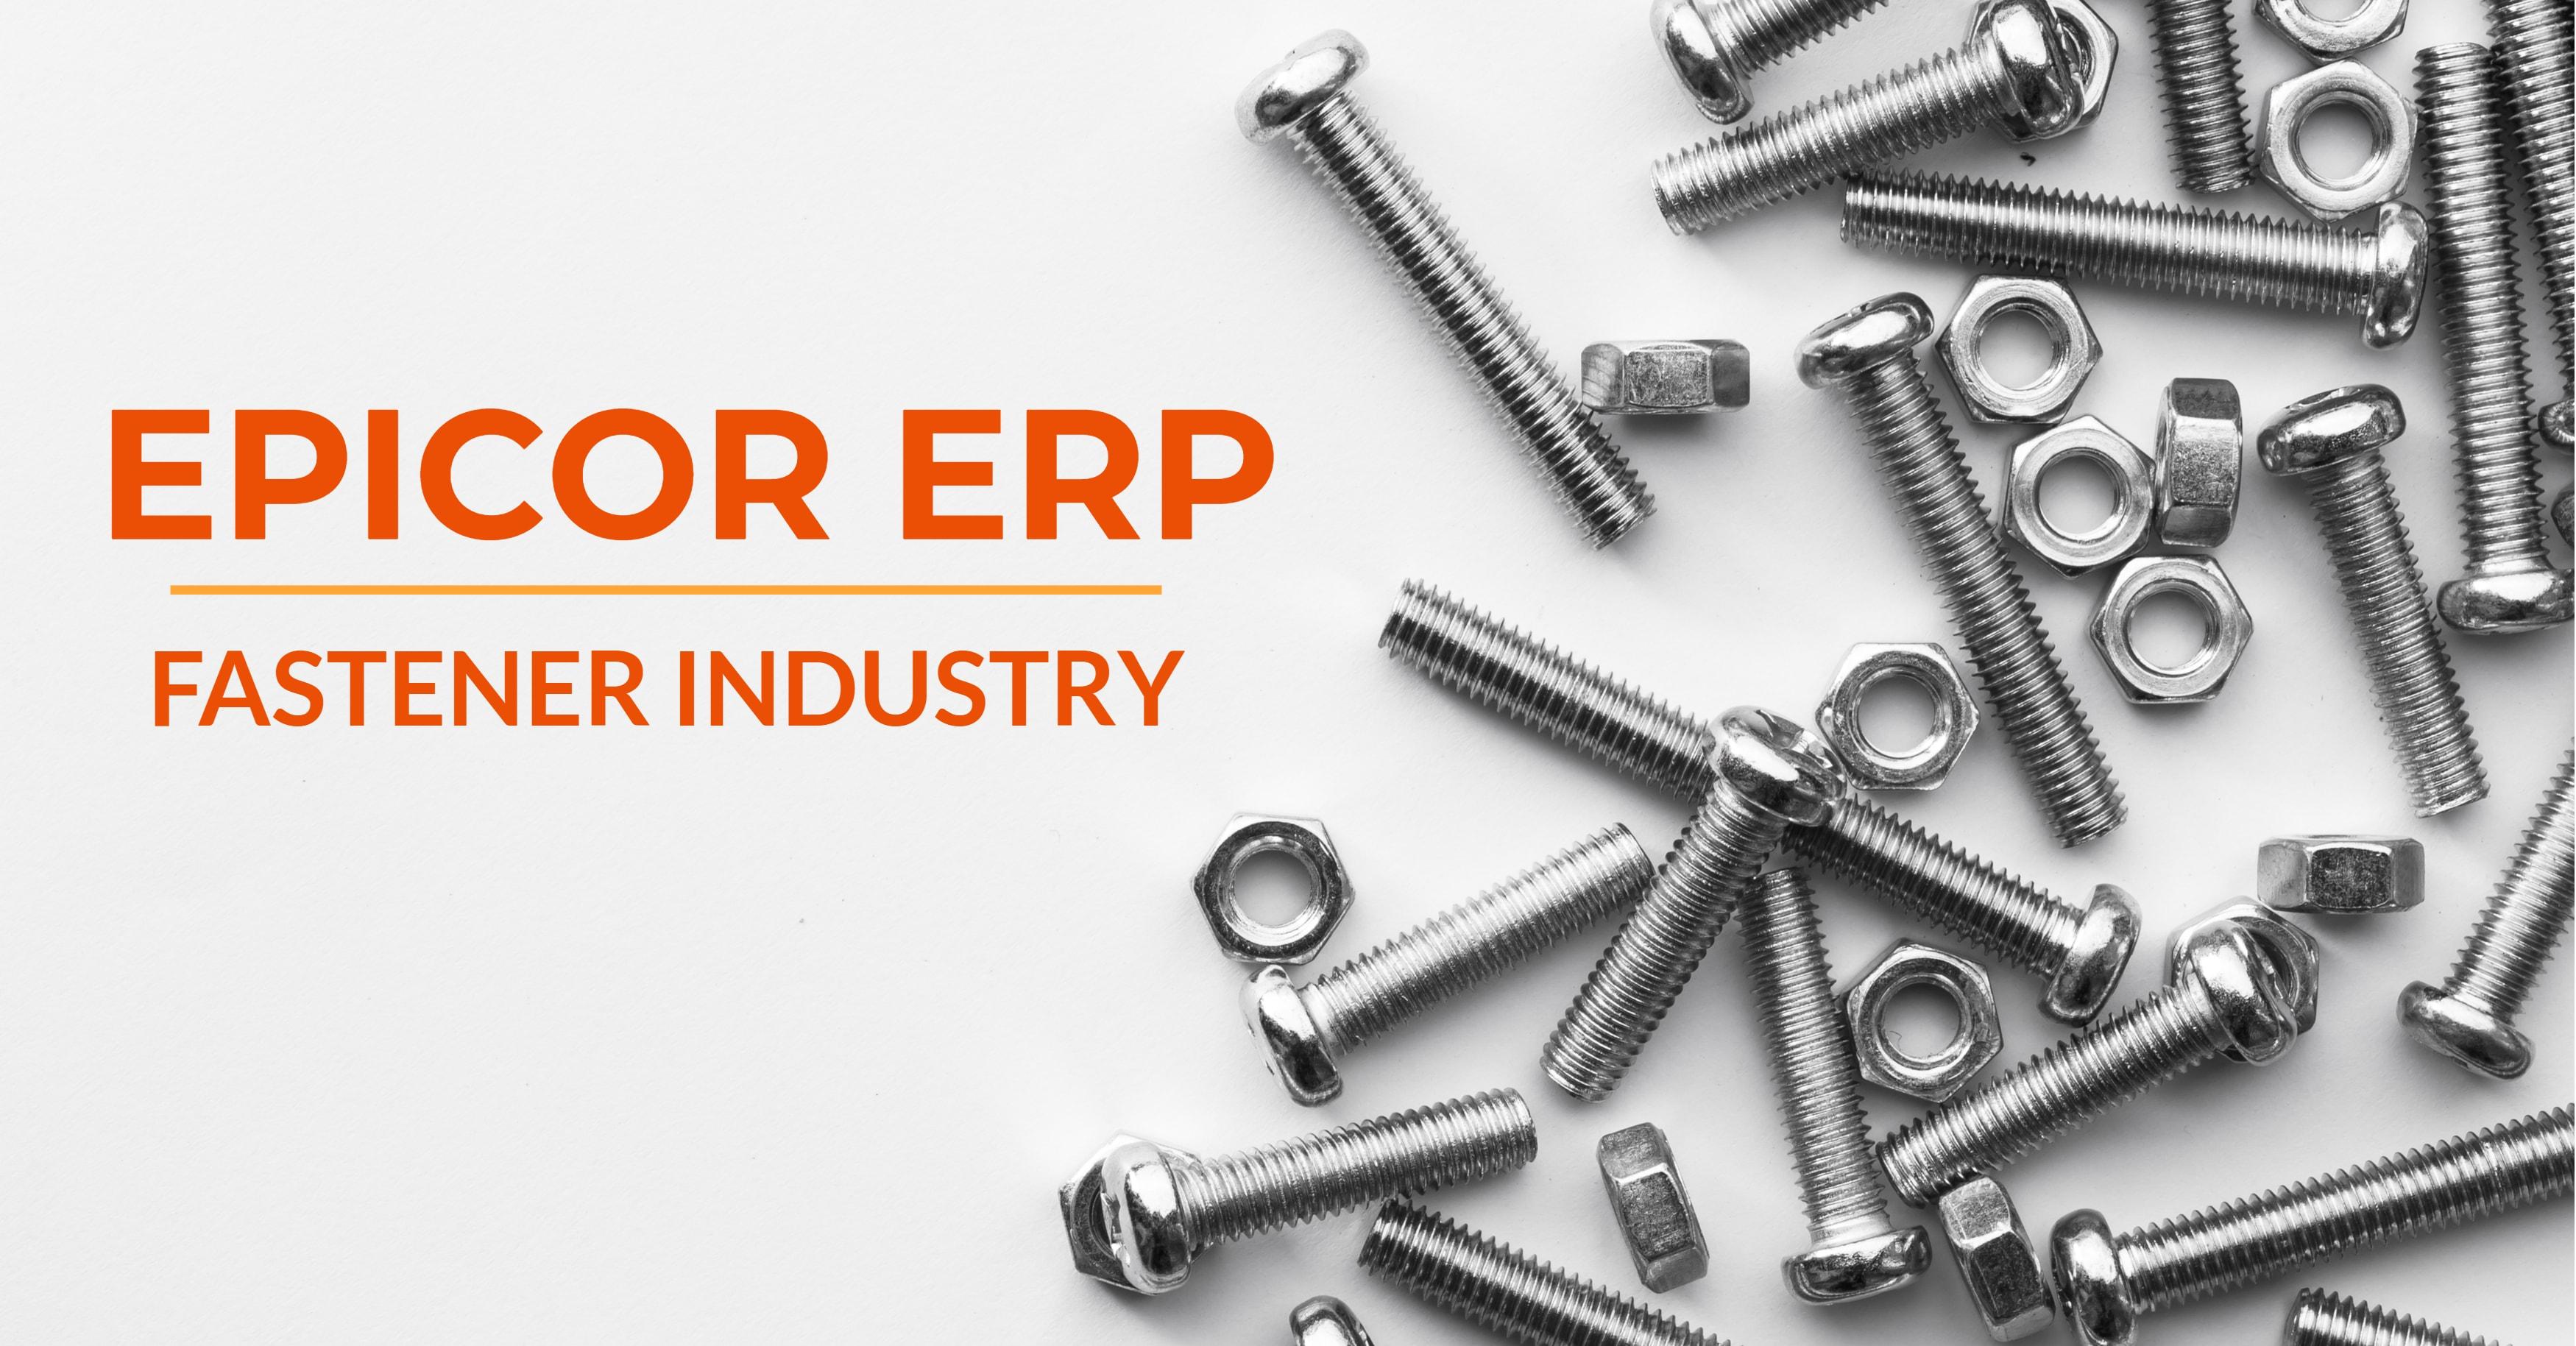 Epicor ERP Fastener Industry